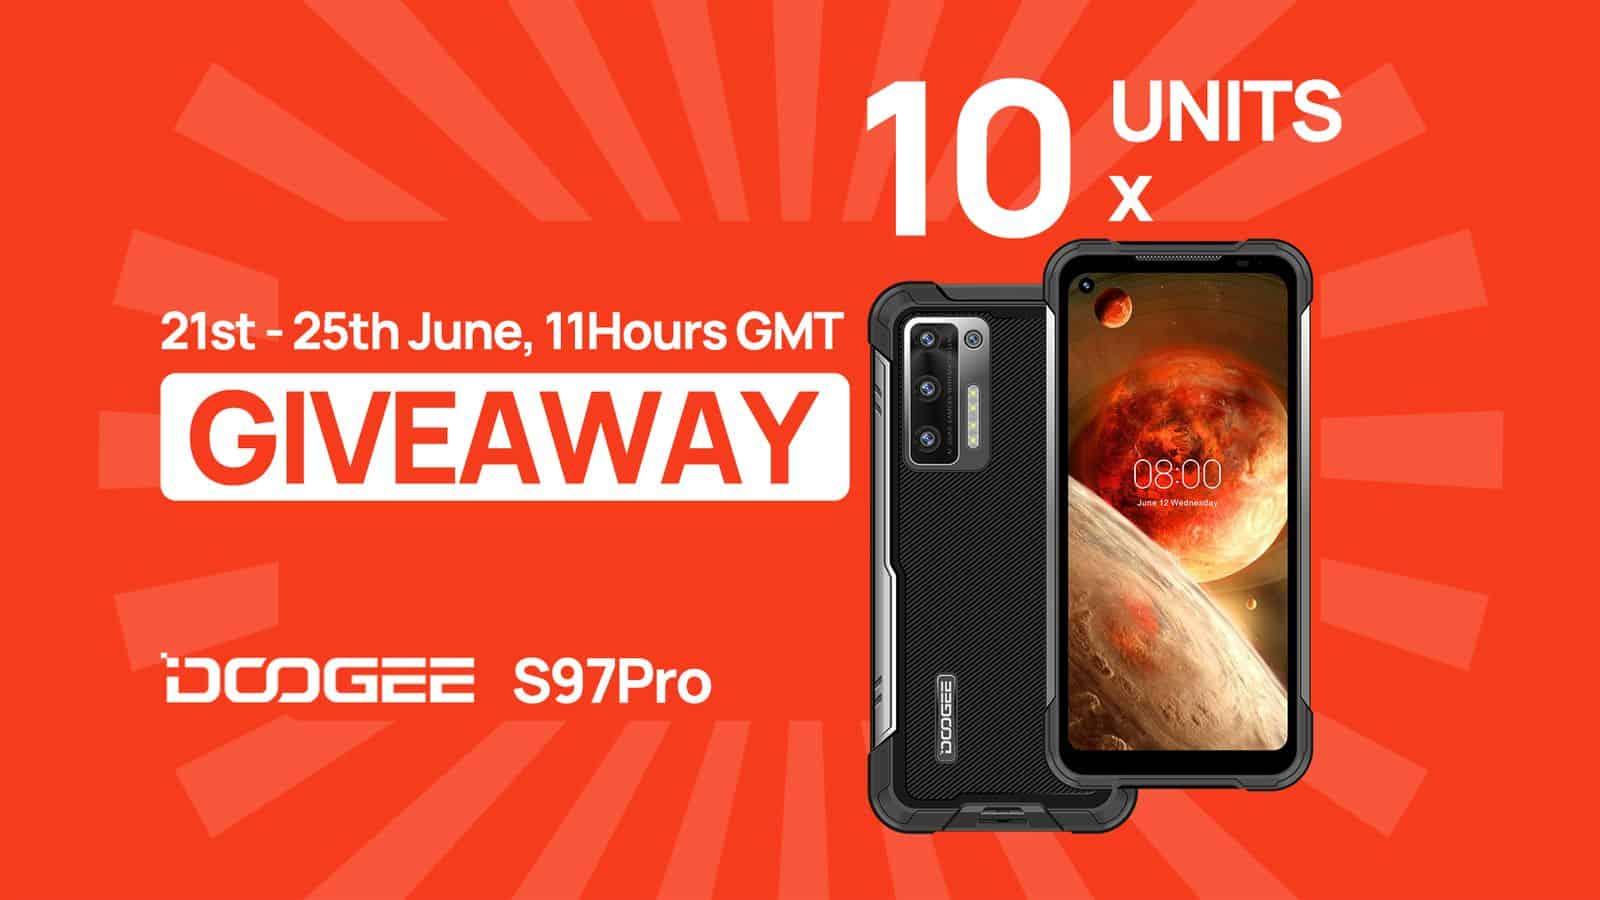 DOOGEE S97 Pro giveaway